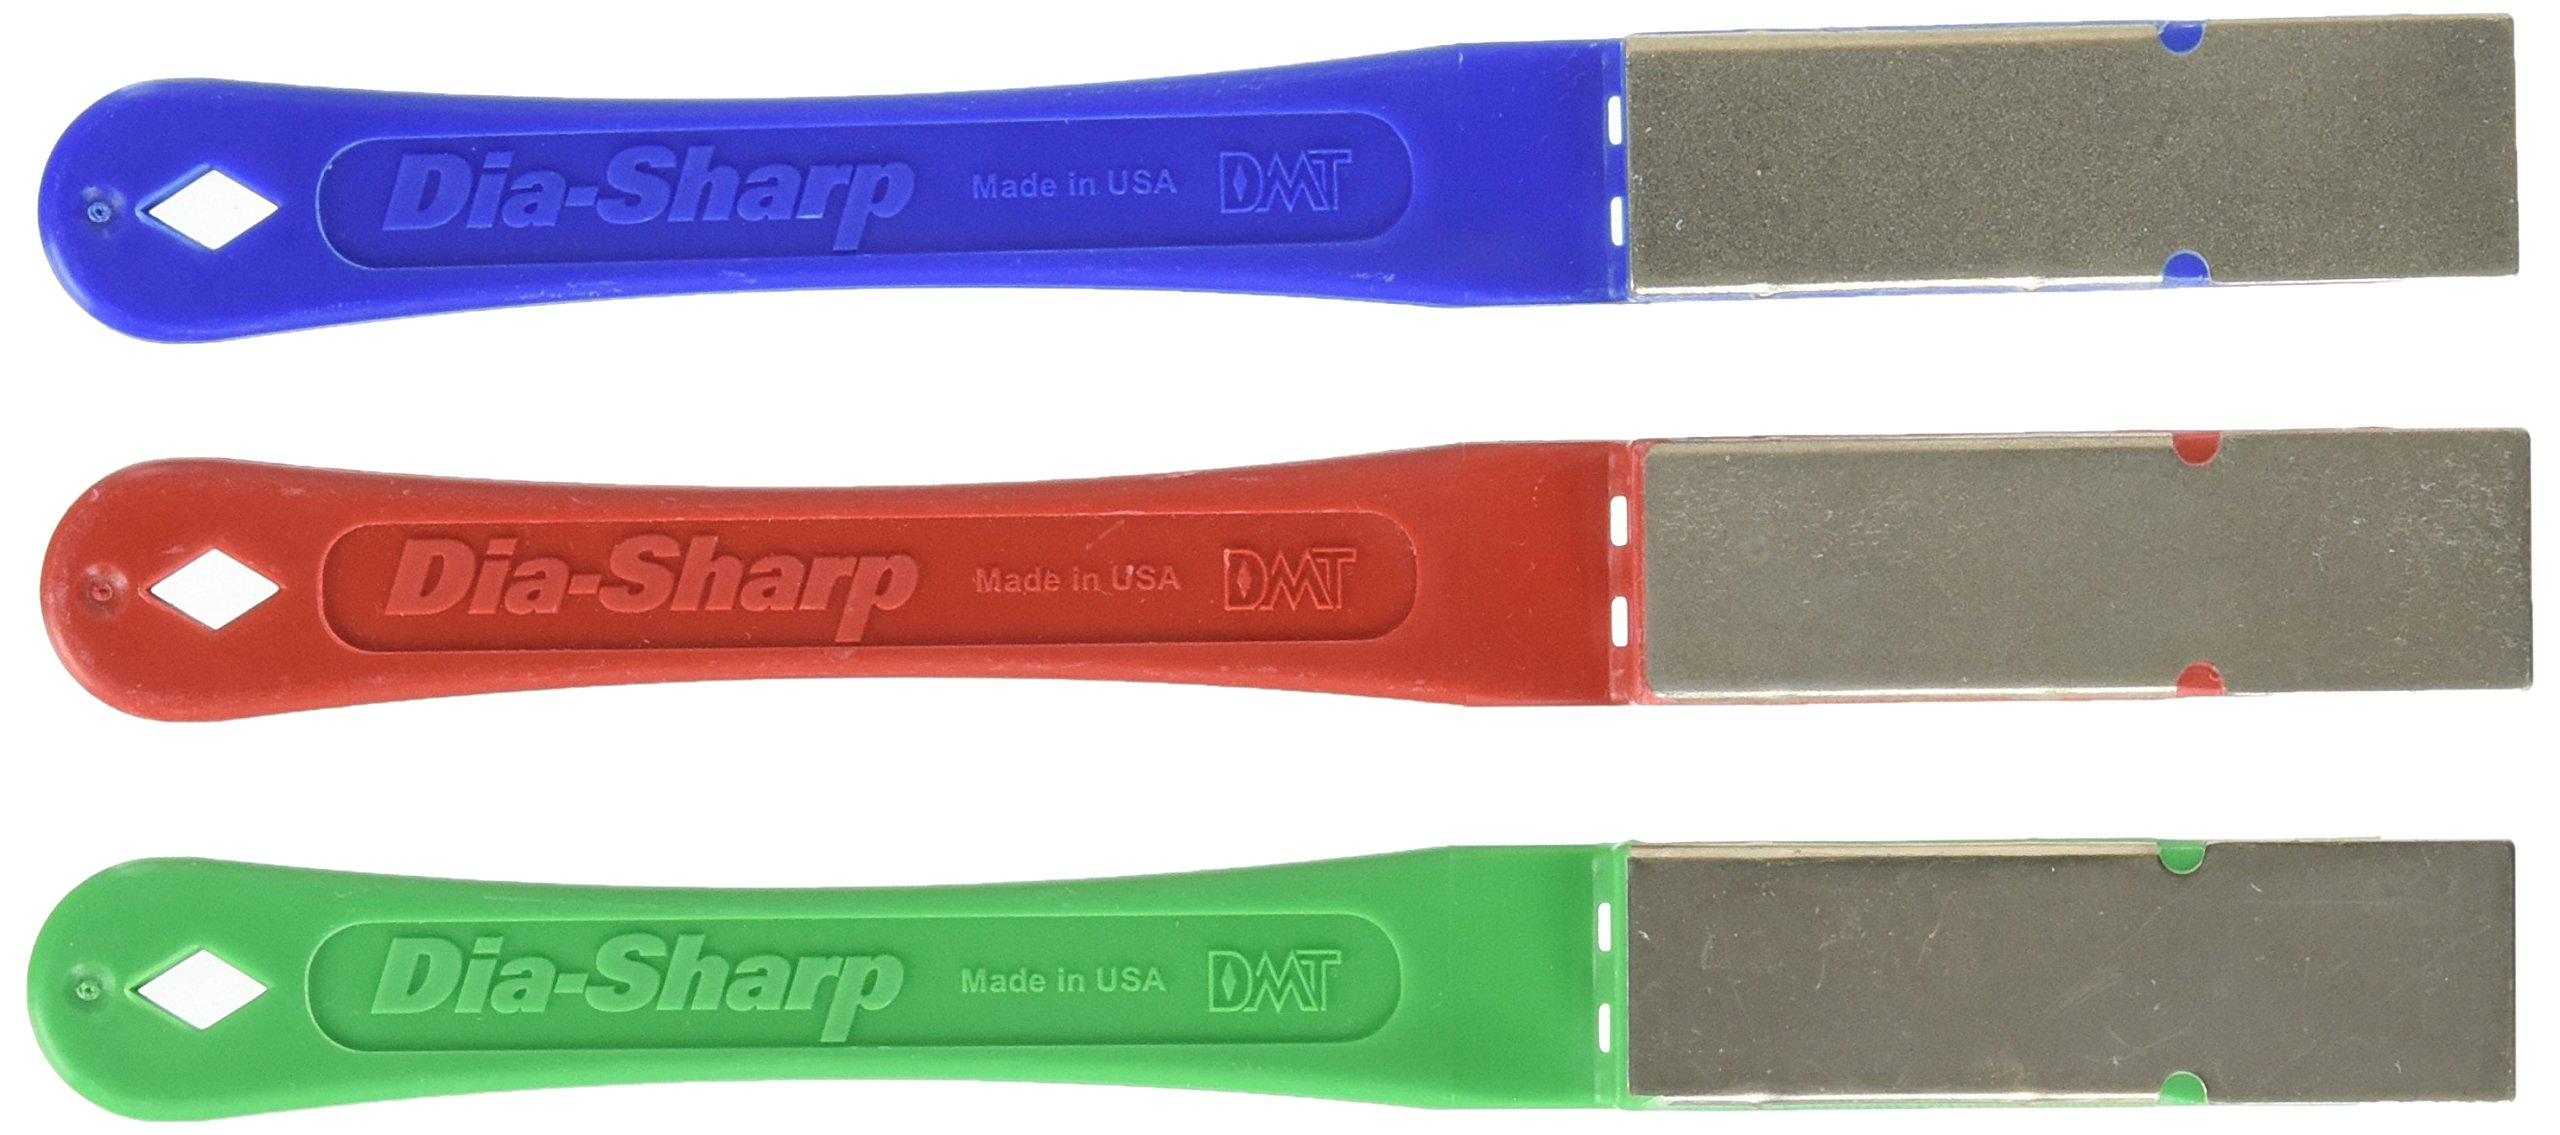 DMT OD2K 2-1/2-Inch Dia-Sharp Mini-Hone Kit of 3 Diamond Grits C/F / E